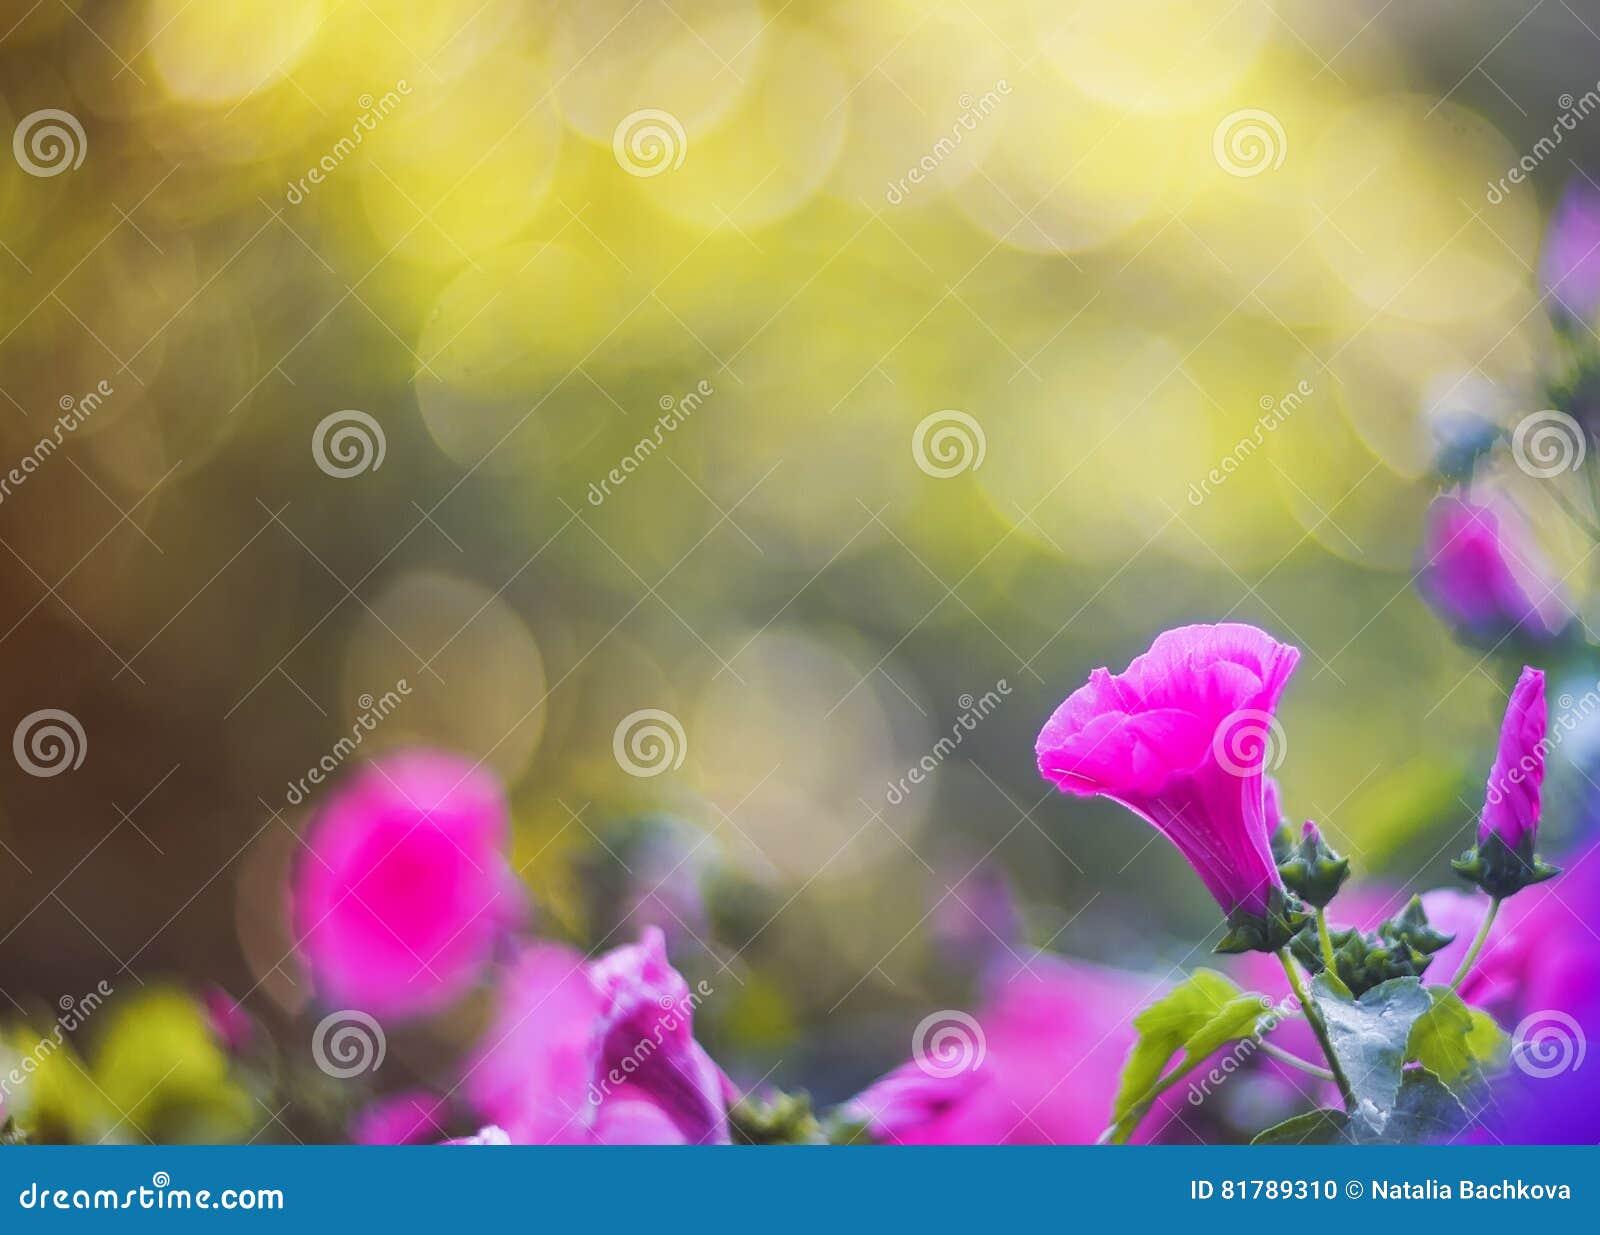 Naturalny tło fragrant menchia kwiaty, błyszczący deszcz i słońca świecenie,